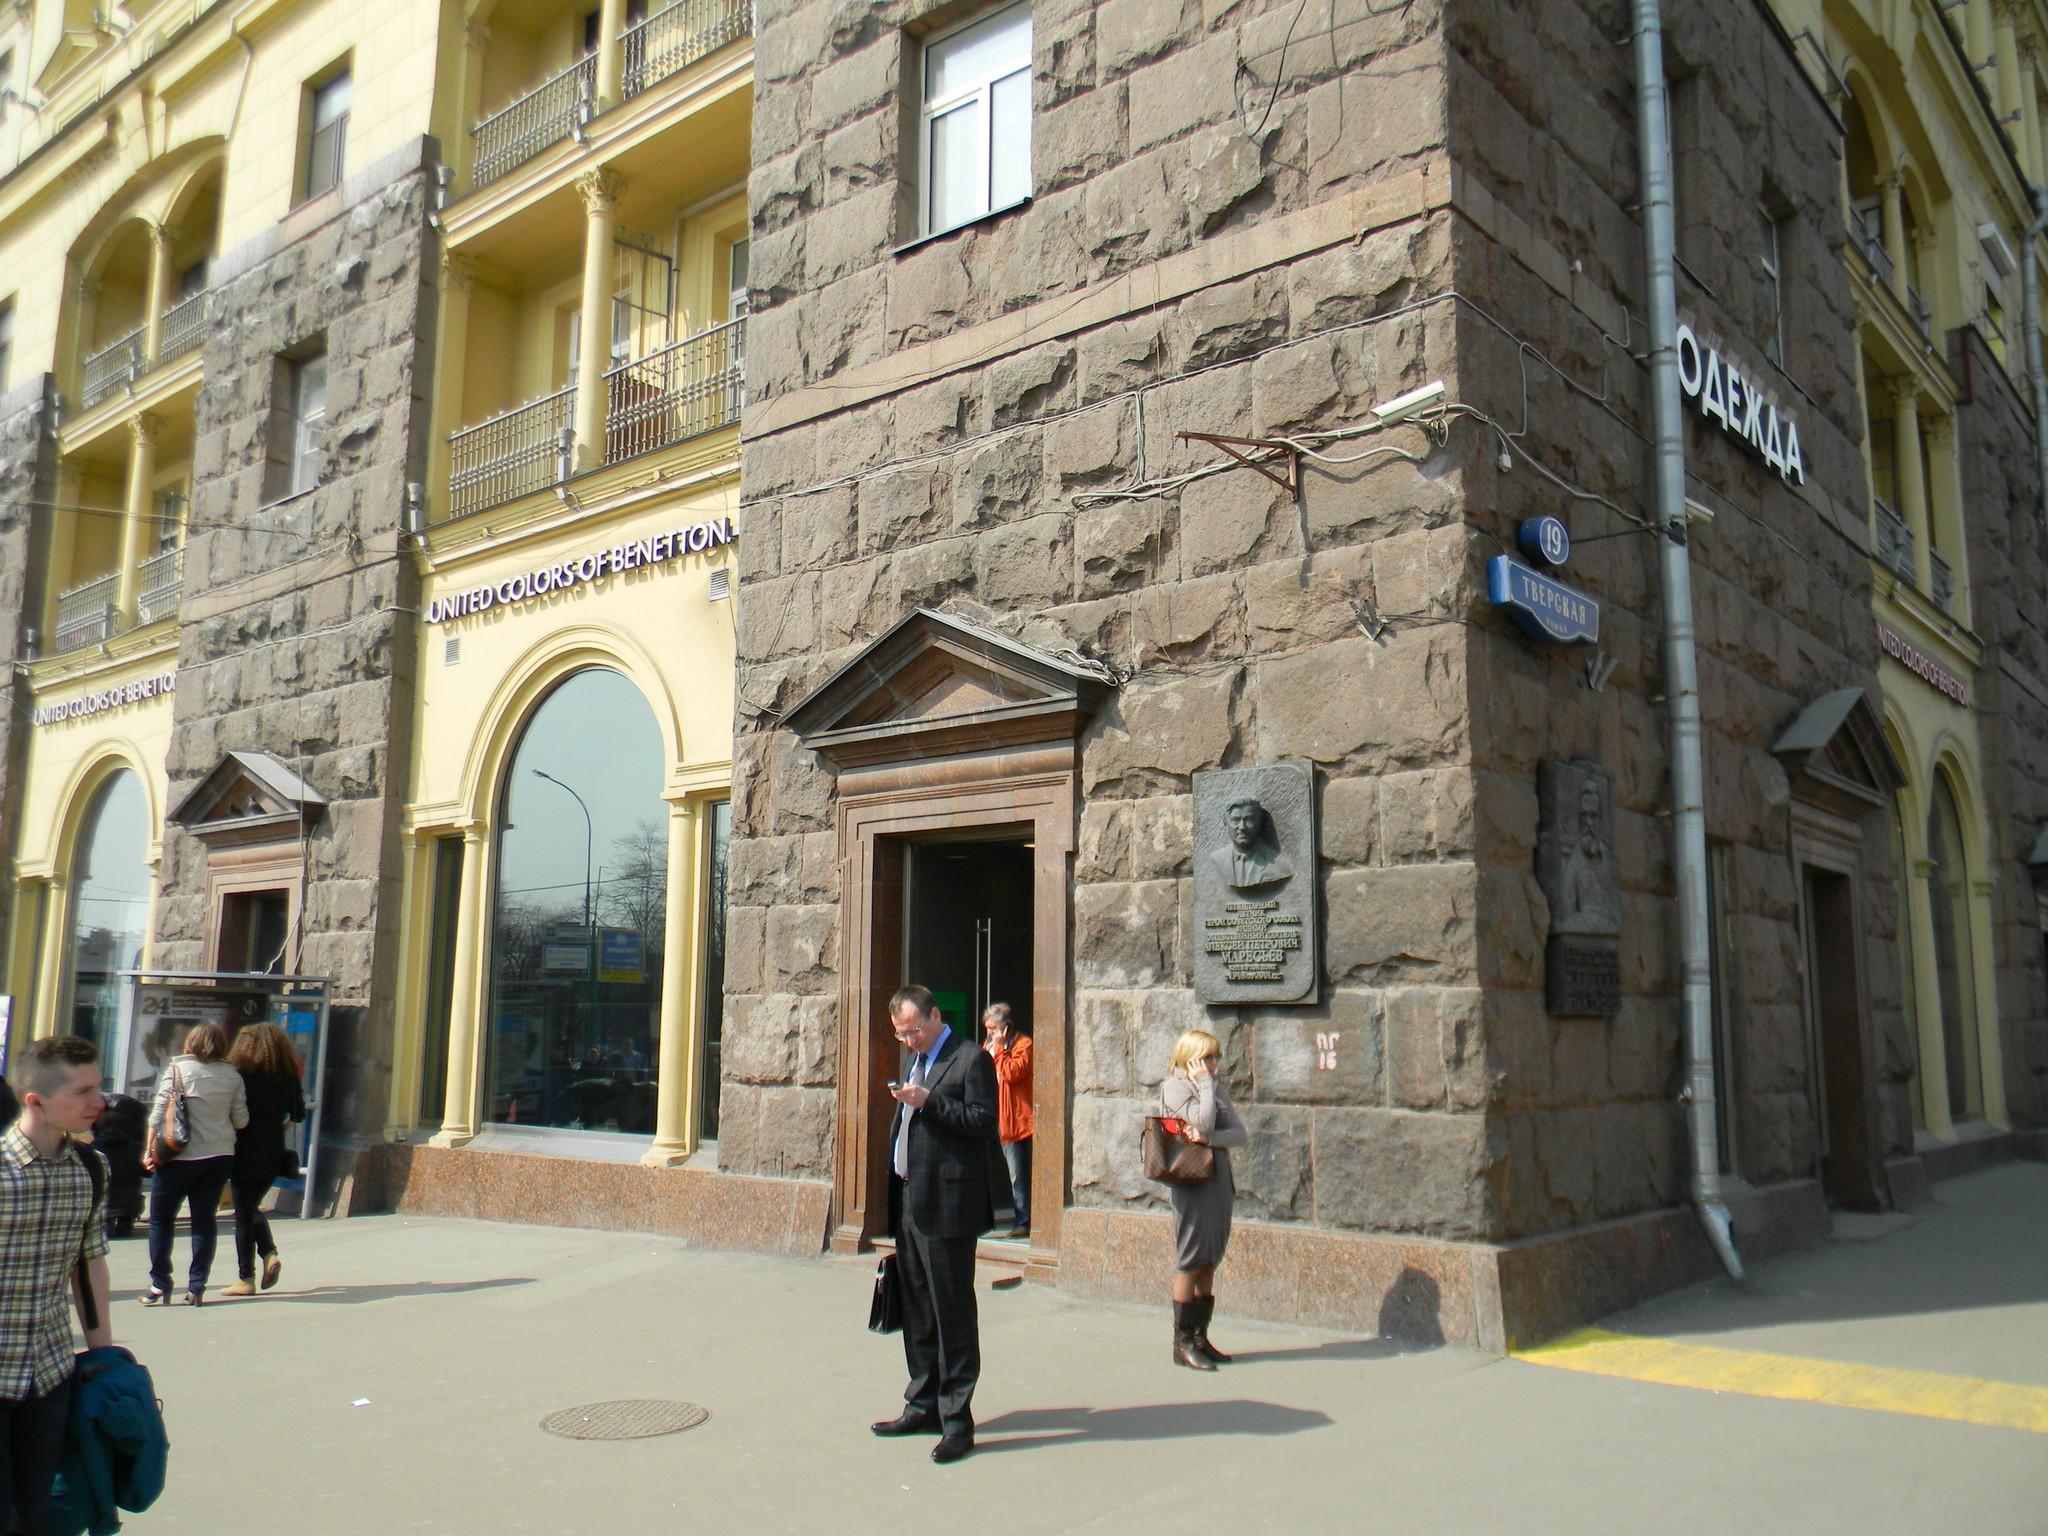 Герой Советского Союза Алексей Петрович Маресьев жил в этом доме с 1948 года по 2001 год (Москва, Тверская улица, дом 19)